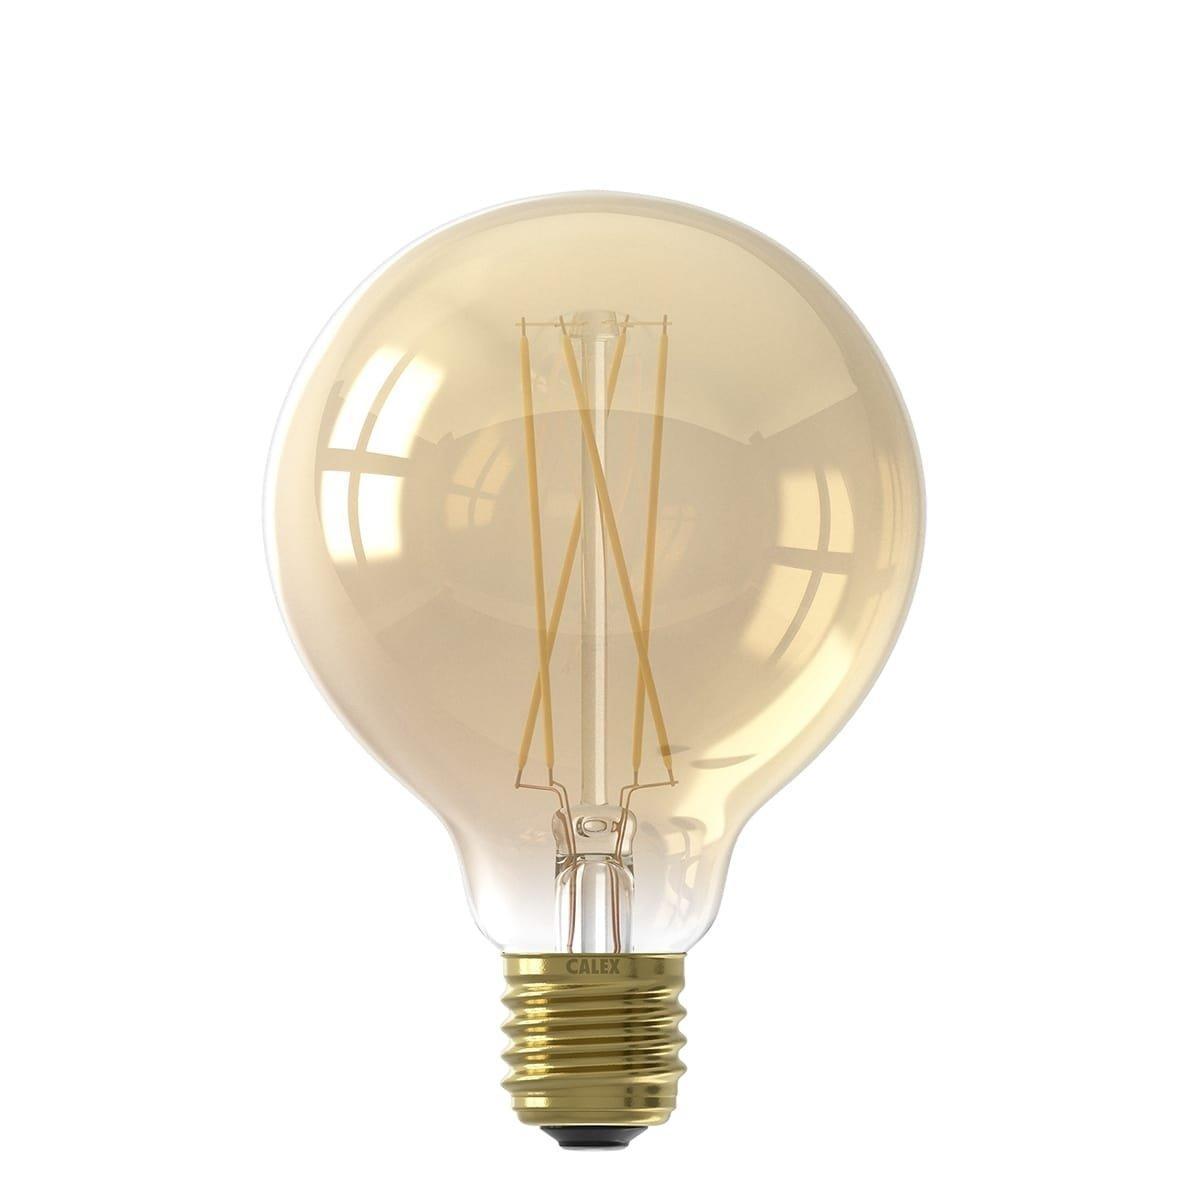 Außenbeleuchtung Lichtquellen Led lichtquelle filament Globe Gold - 4W